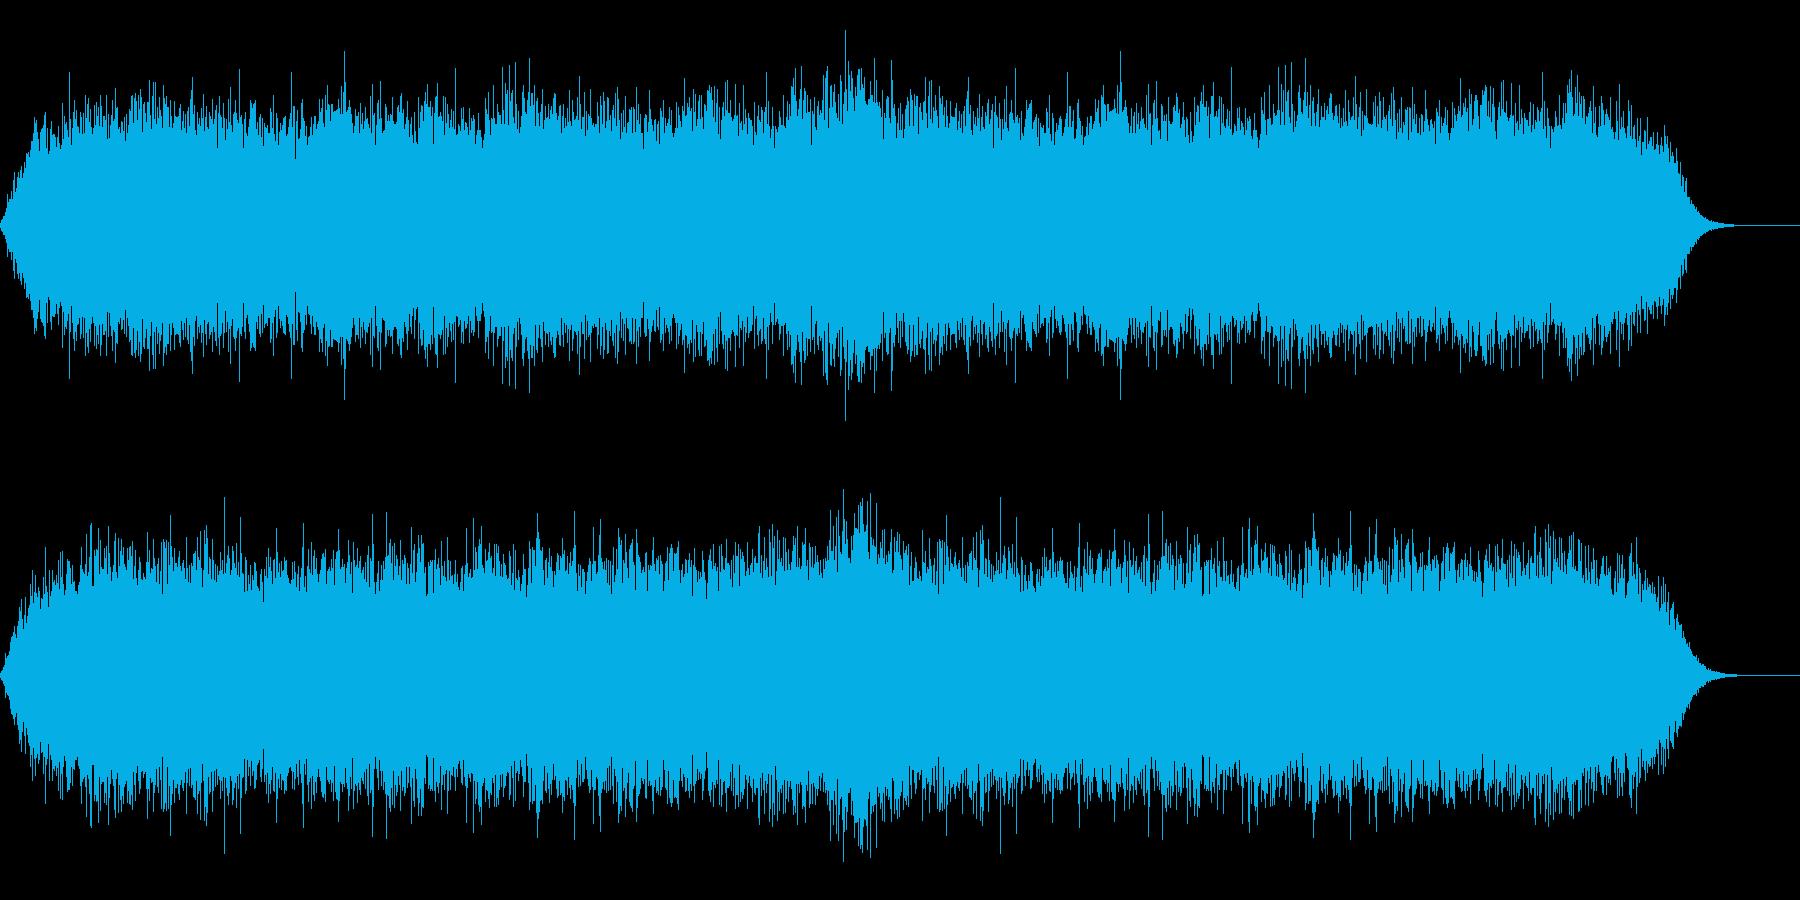 Dark_ホラーで怪しく神秘的-21_Lの再生済みの波形